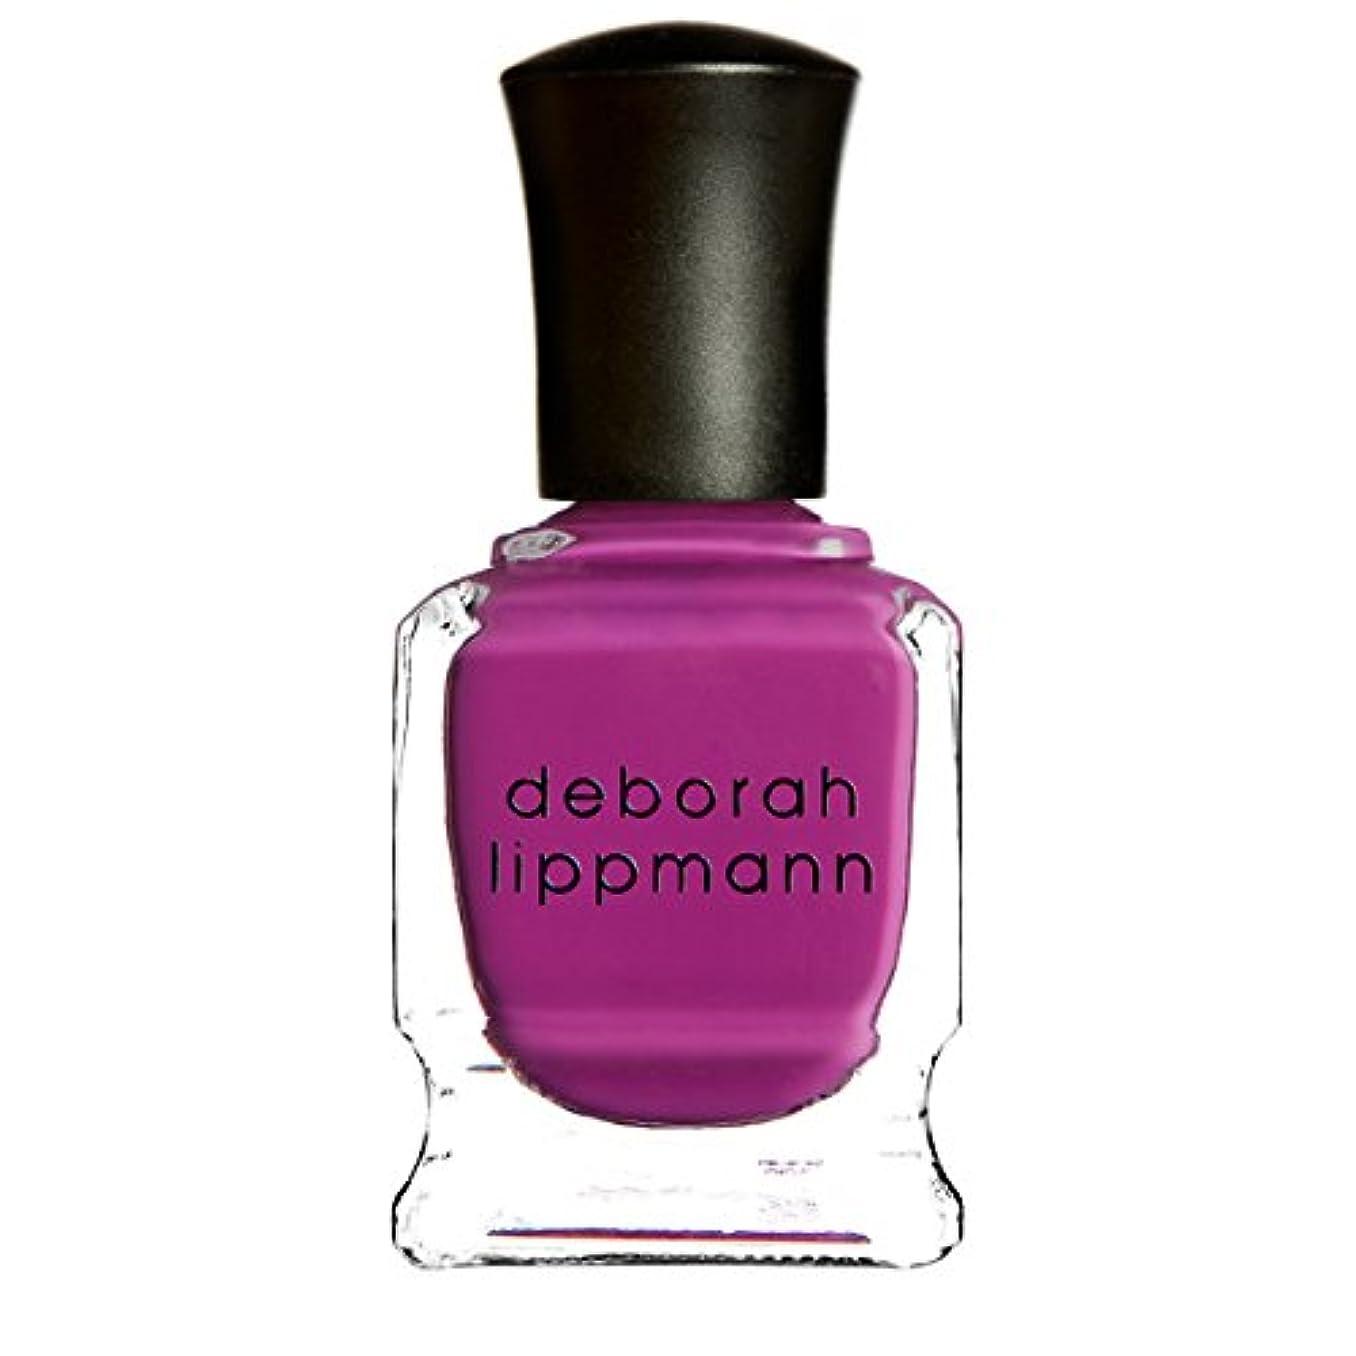 下に向けます飽和する乱れ[Deborah Lippmann] デボラリップマン ポリッシュ ピンク系 15mL (ビトゥイーン ザ シーツ)